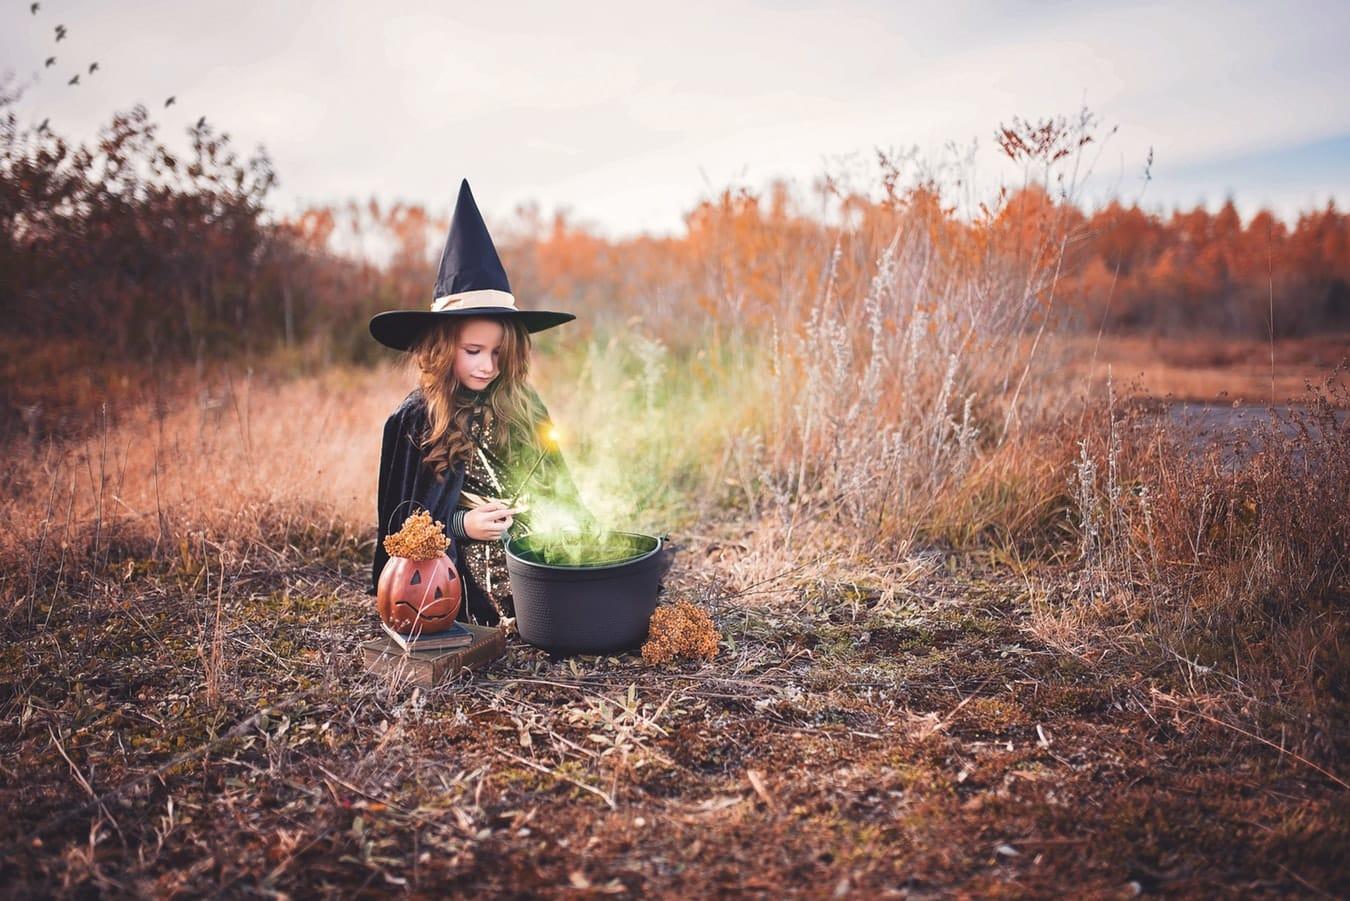 déguisement de sorcière costume Halloween zéro déchet